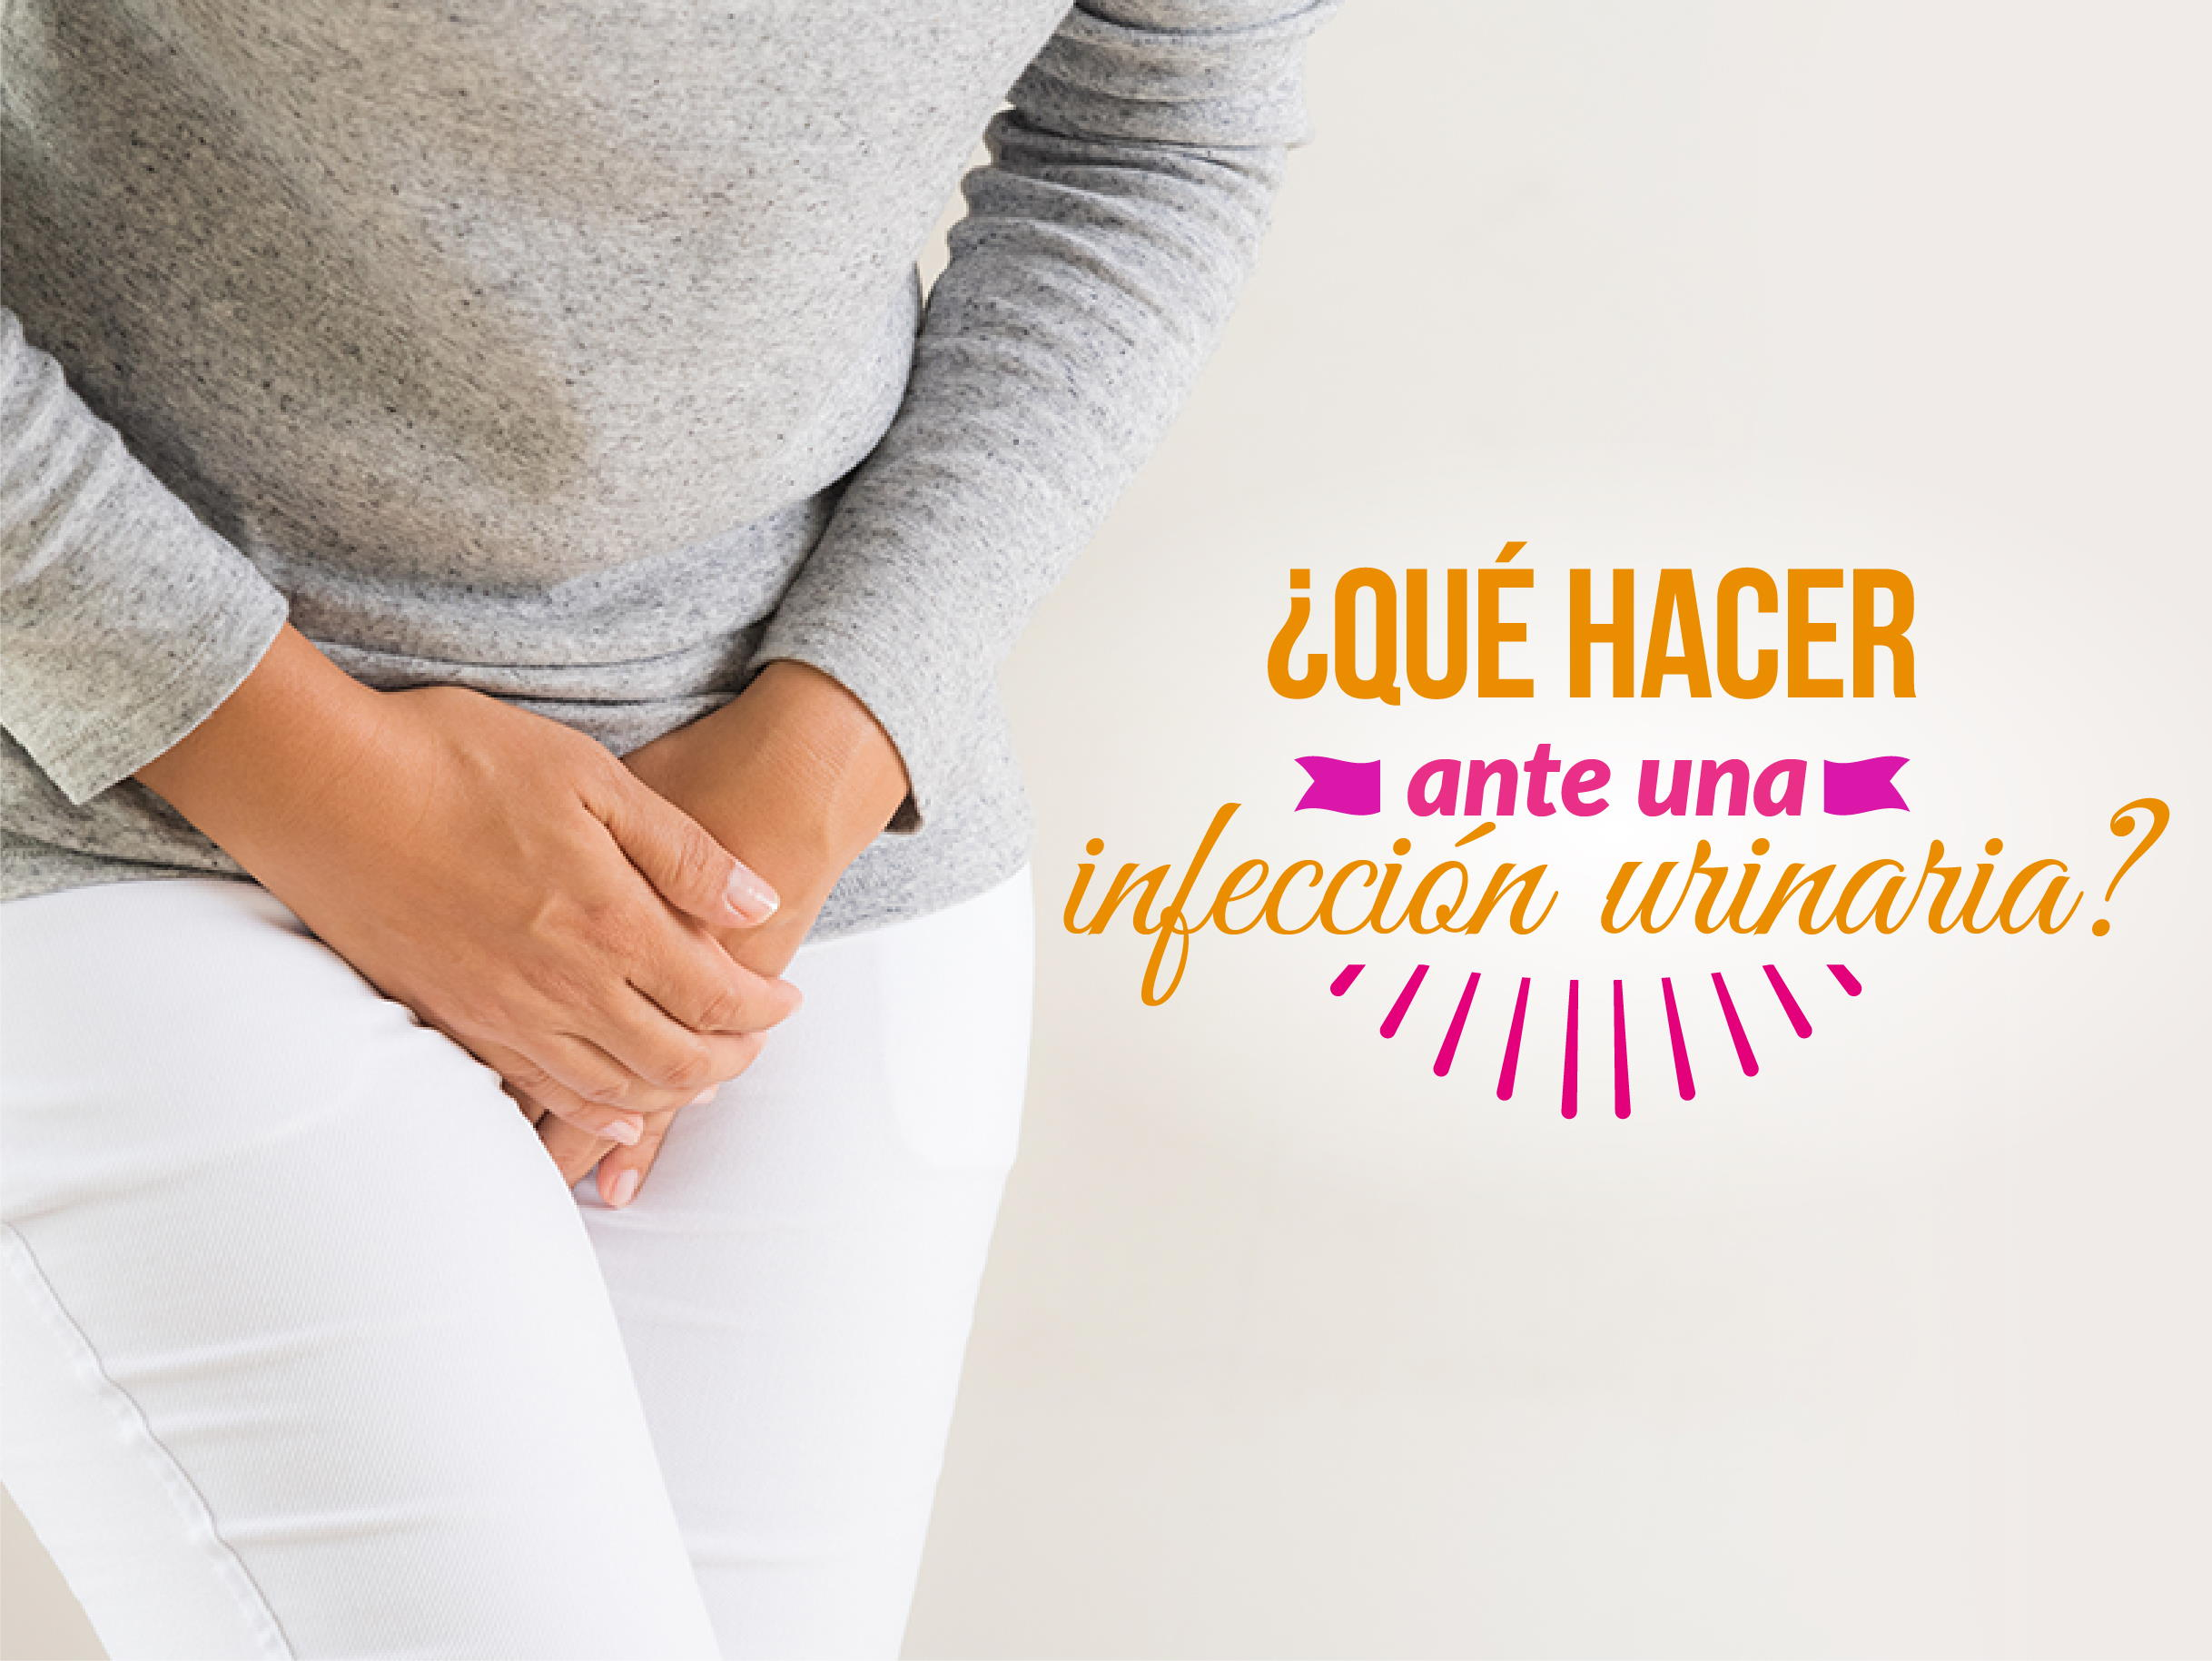 ¿Qué hacer ante una infección urinaria?